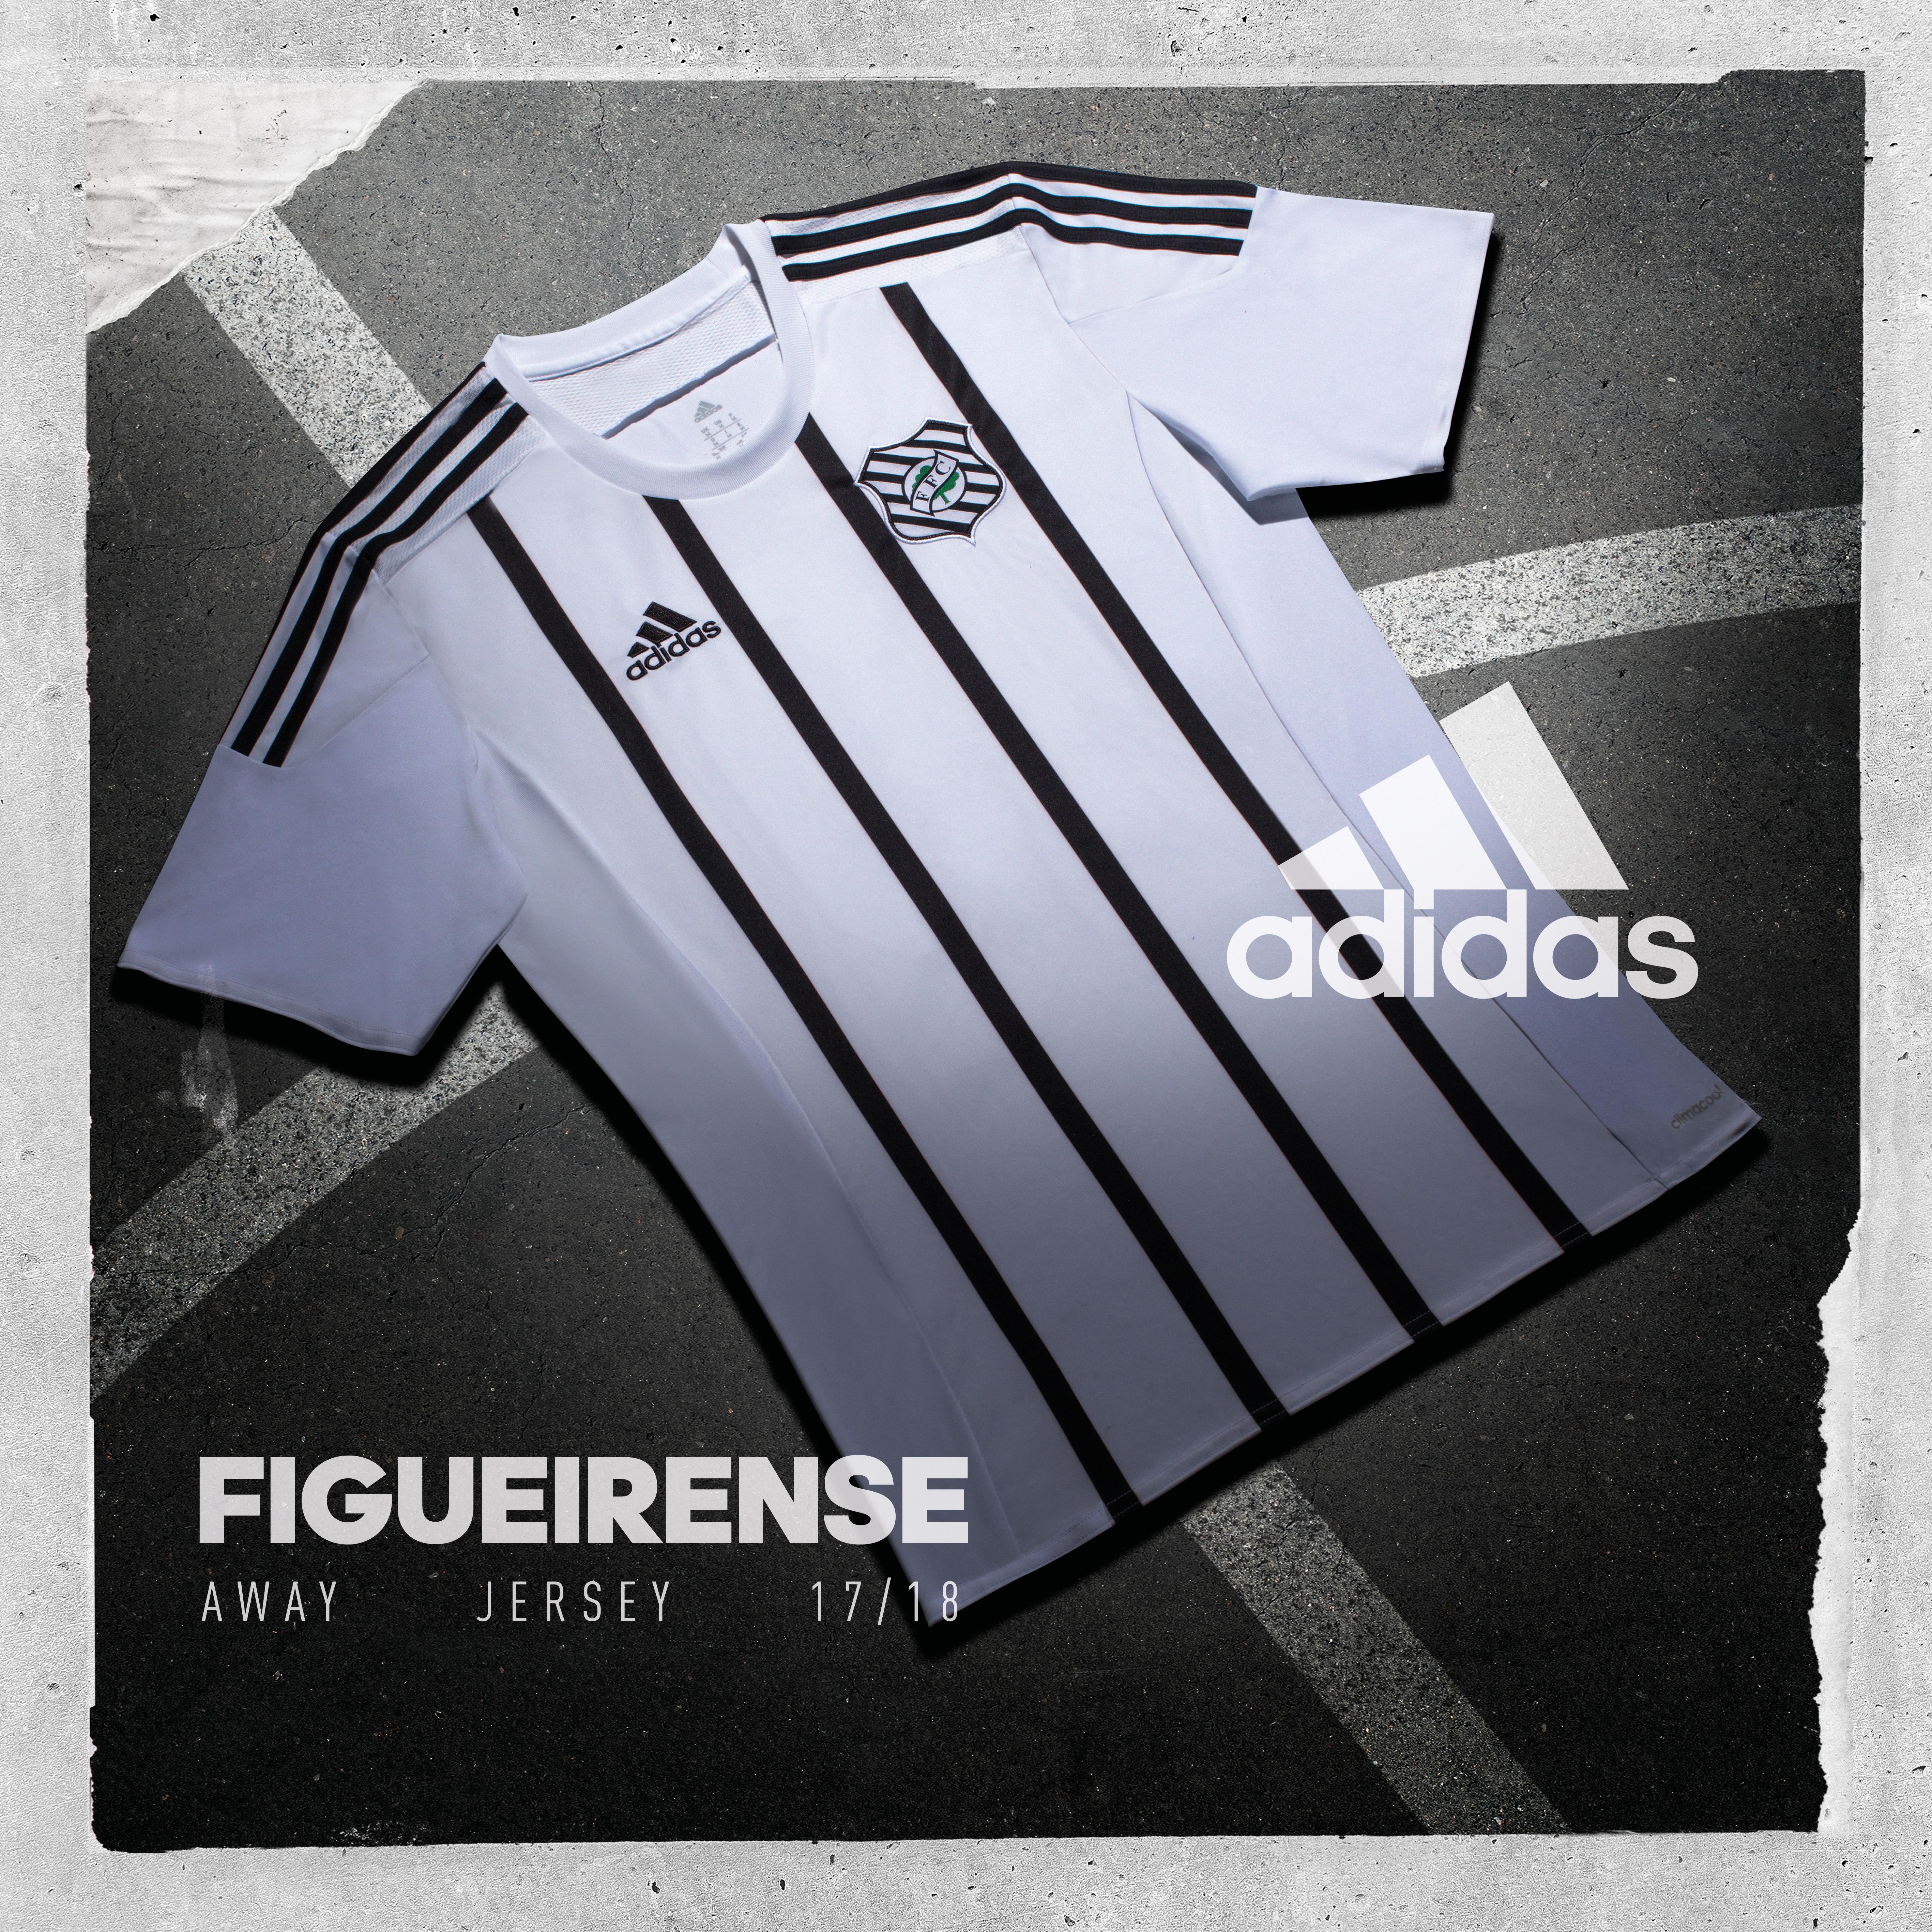 df5ac15a26 PSG define número da camisa de Mbappé  veja a numeração completa ...